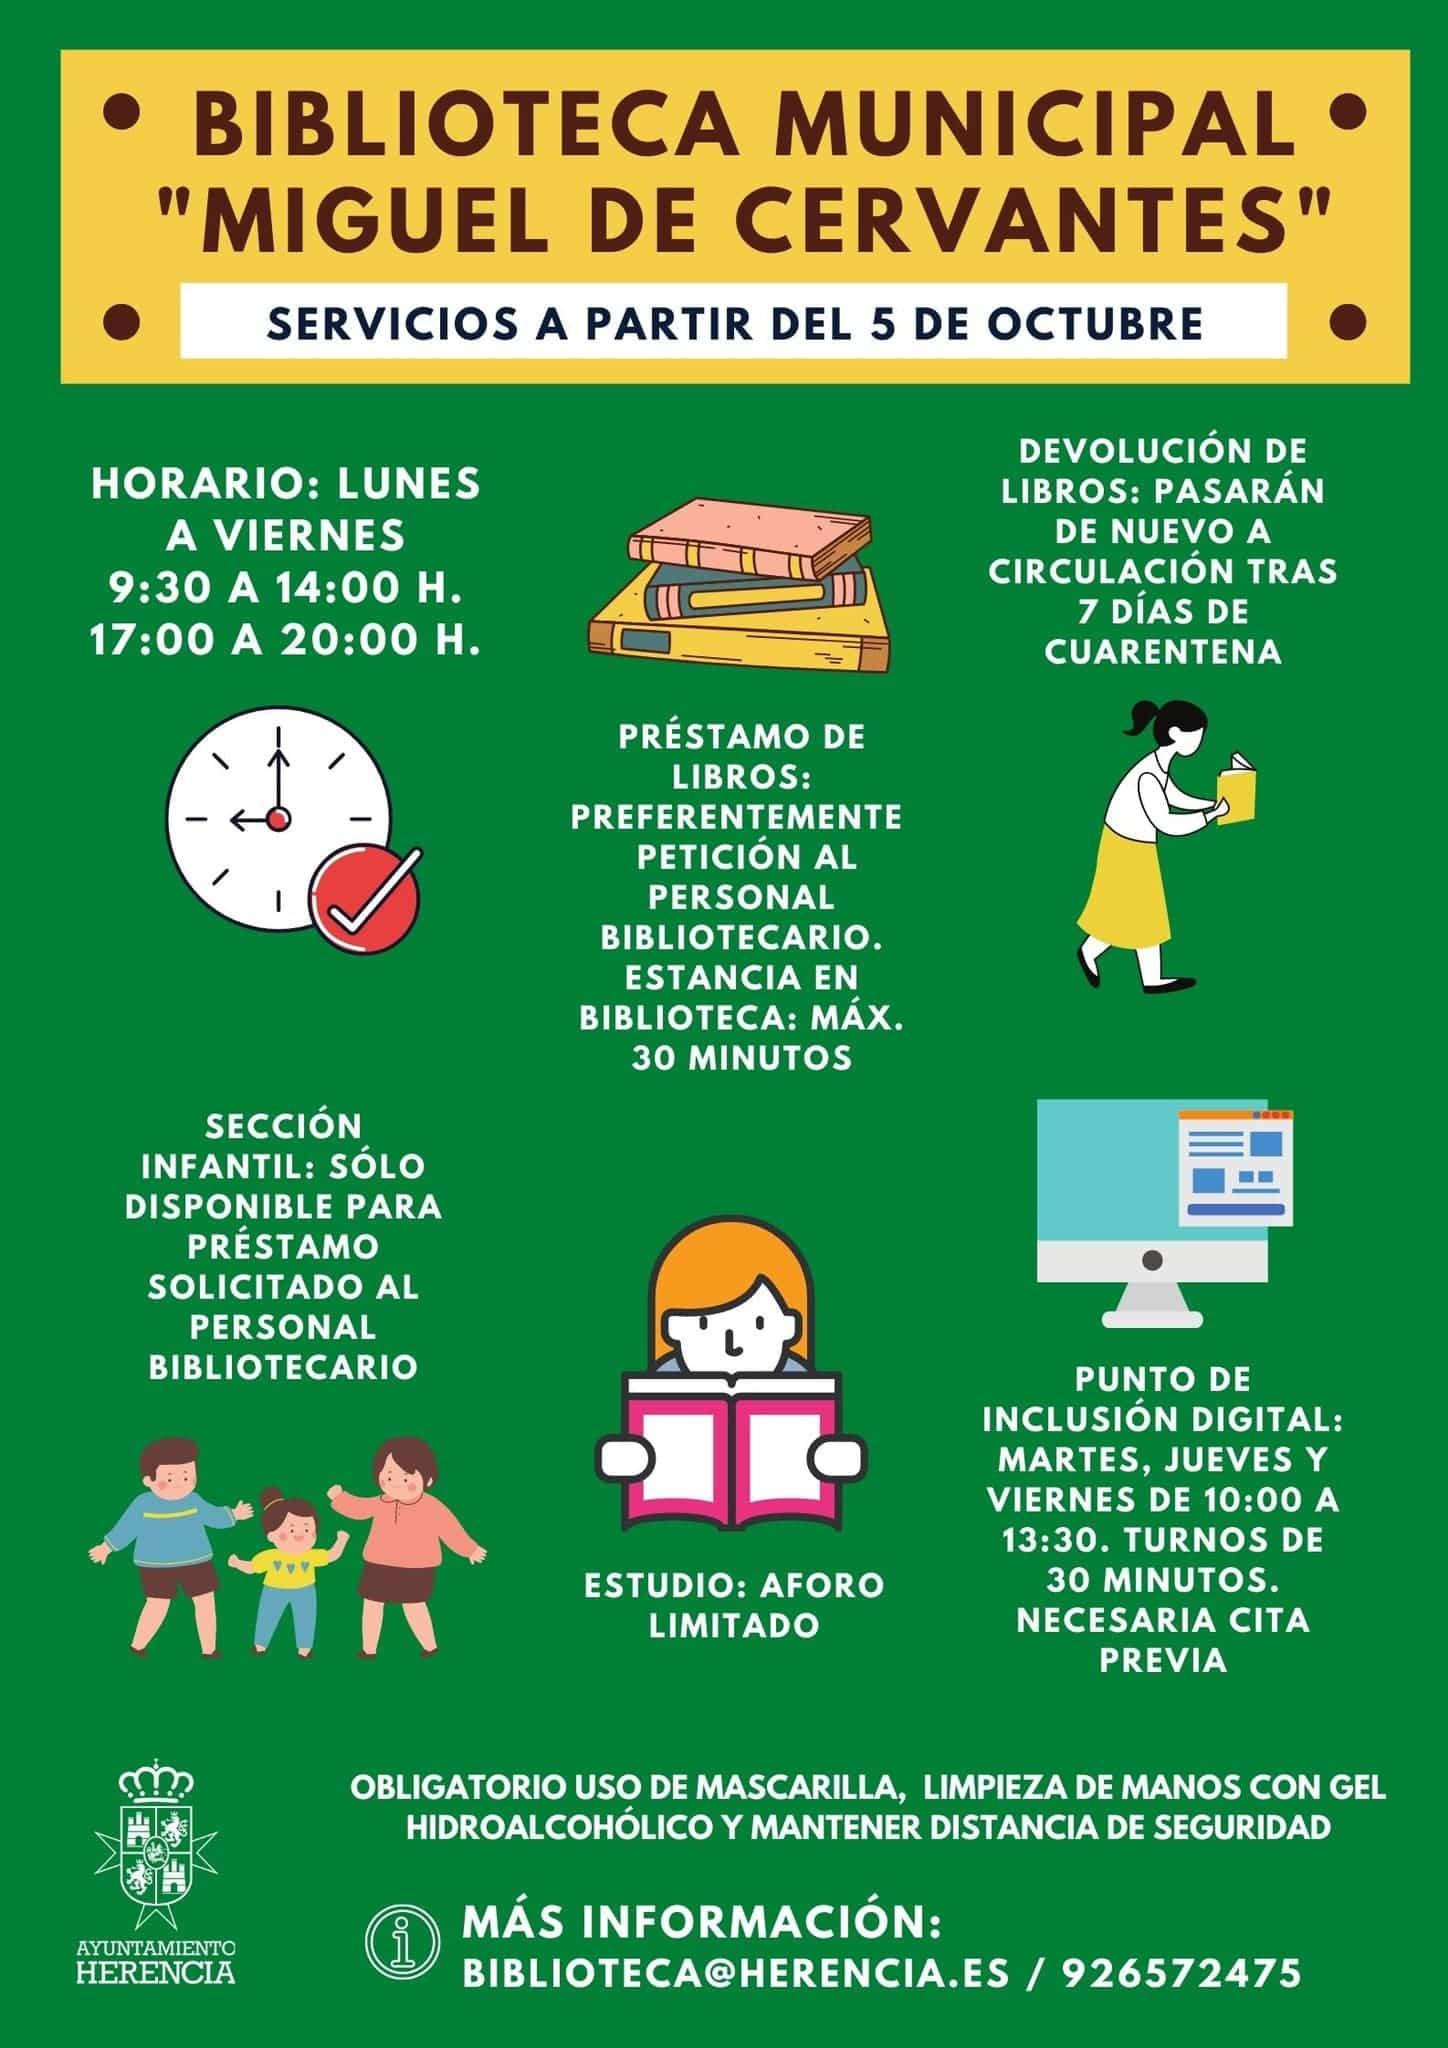 """biblioteca herencia reapertura octubre - La Biblioteca Municipal """"Miguel Cervantes"""" vuelve abrir después de las medidas especiales"""